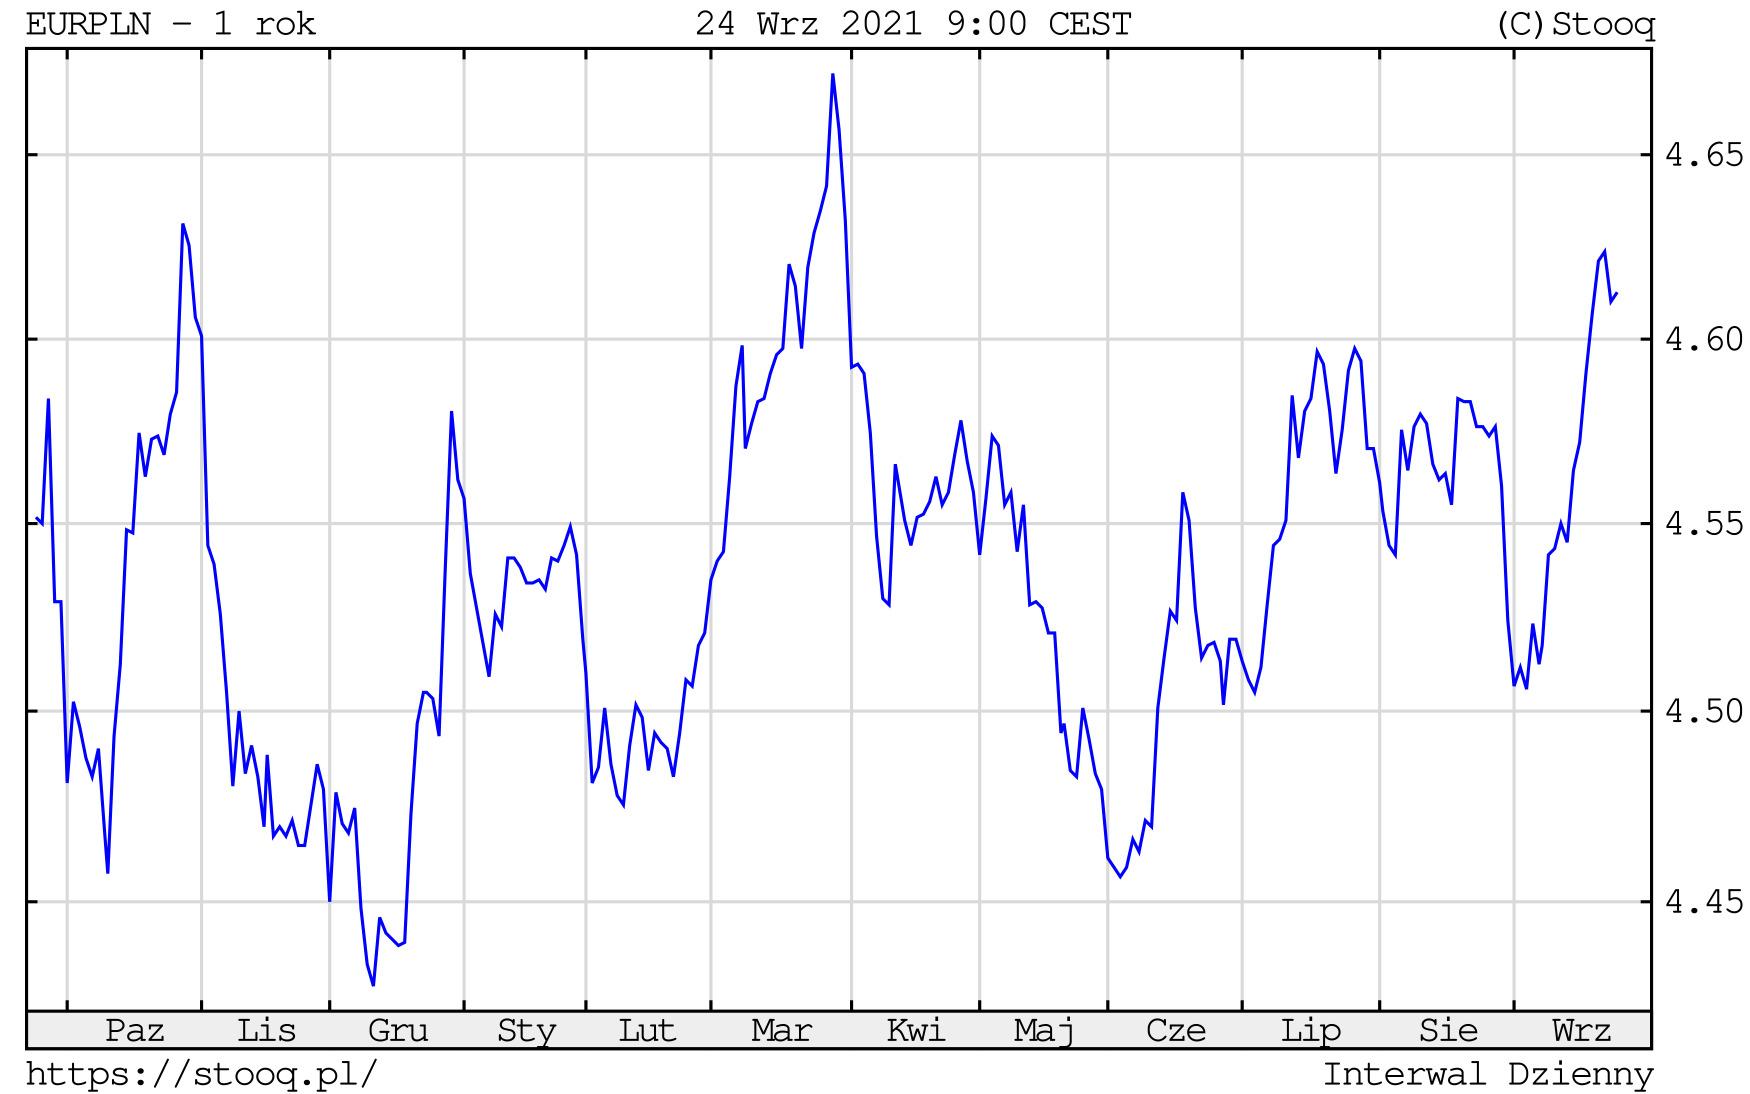 Kurs euro w piątek, 24 września 2021 roku. Notowania EURPLN na wykresie dziennym